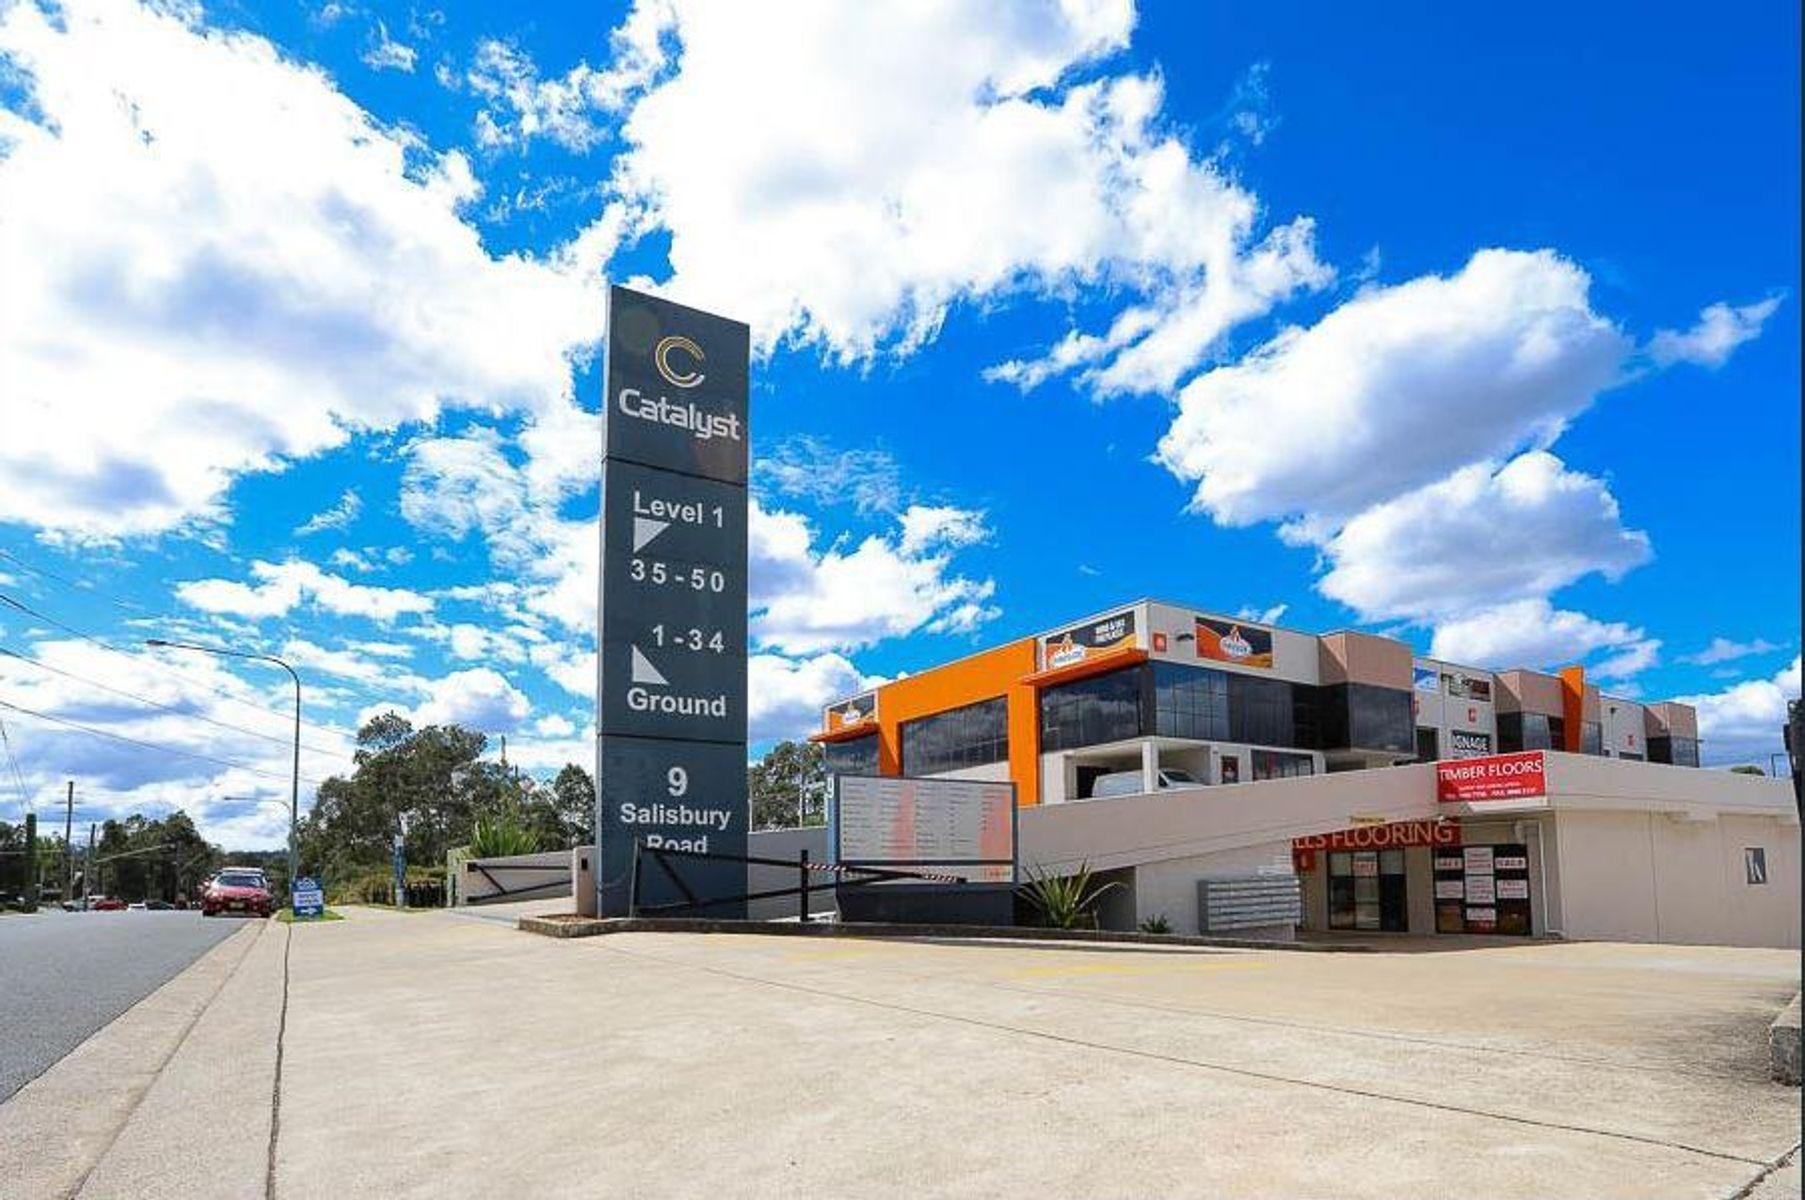 2a/9 Salisbury Road, Castle Hill, NSW 2154